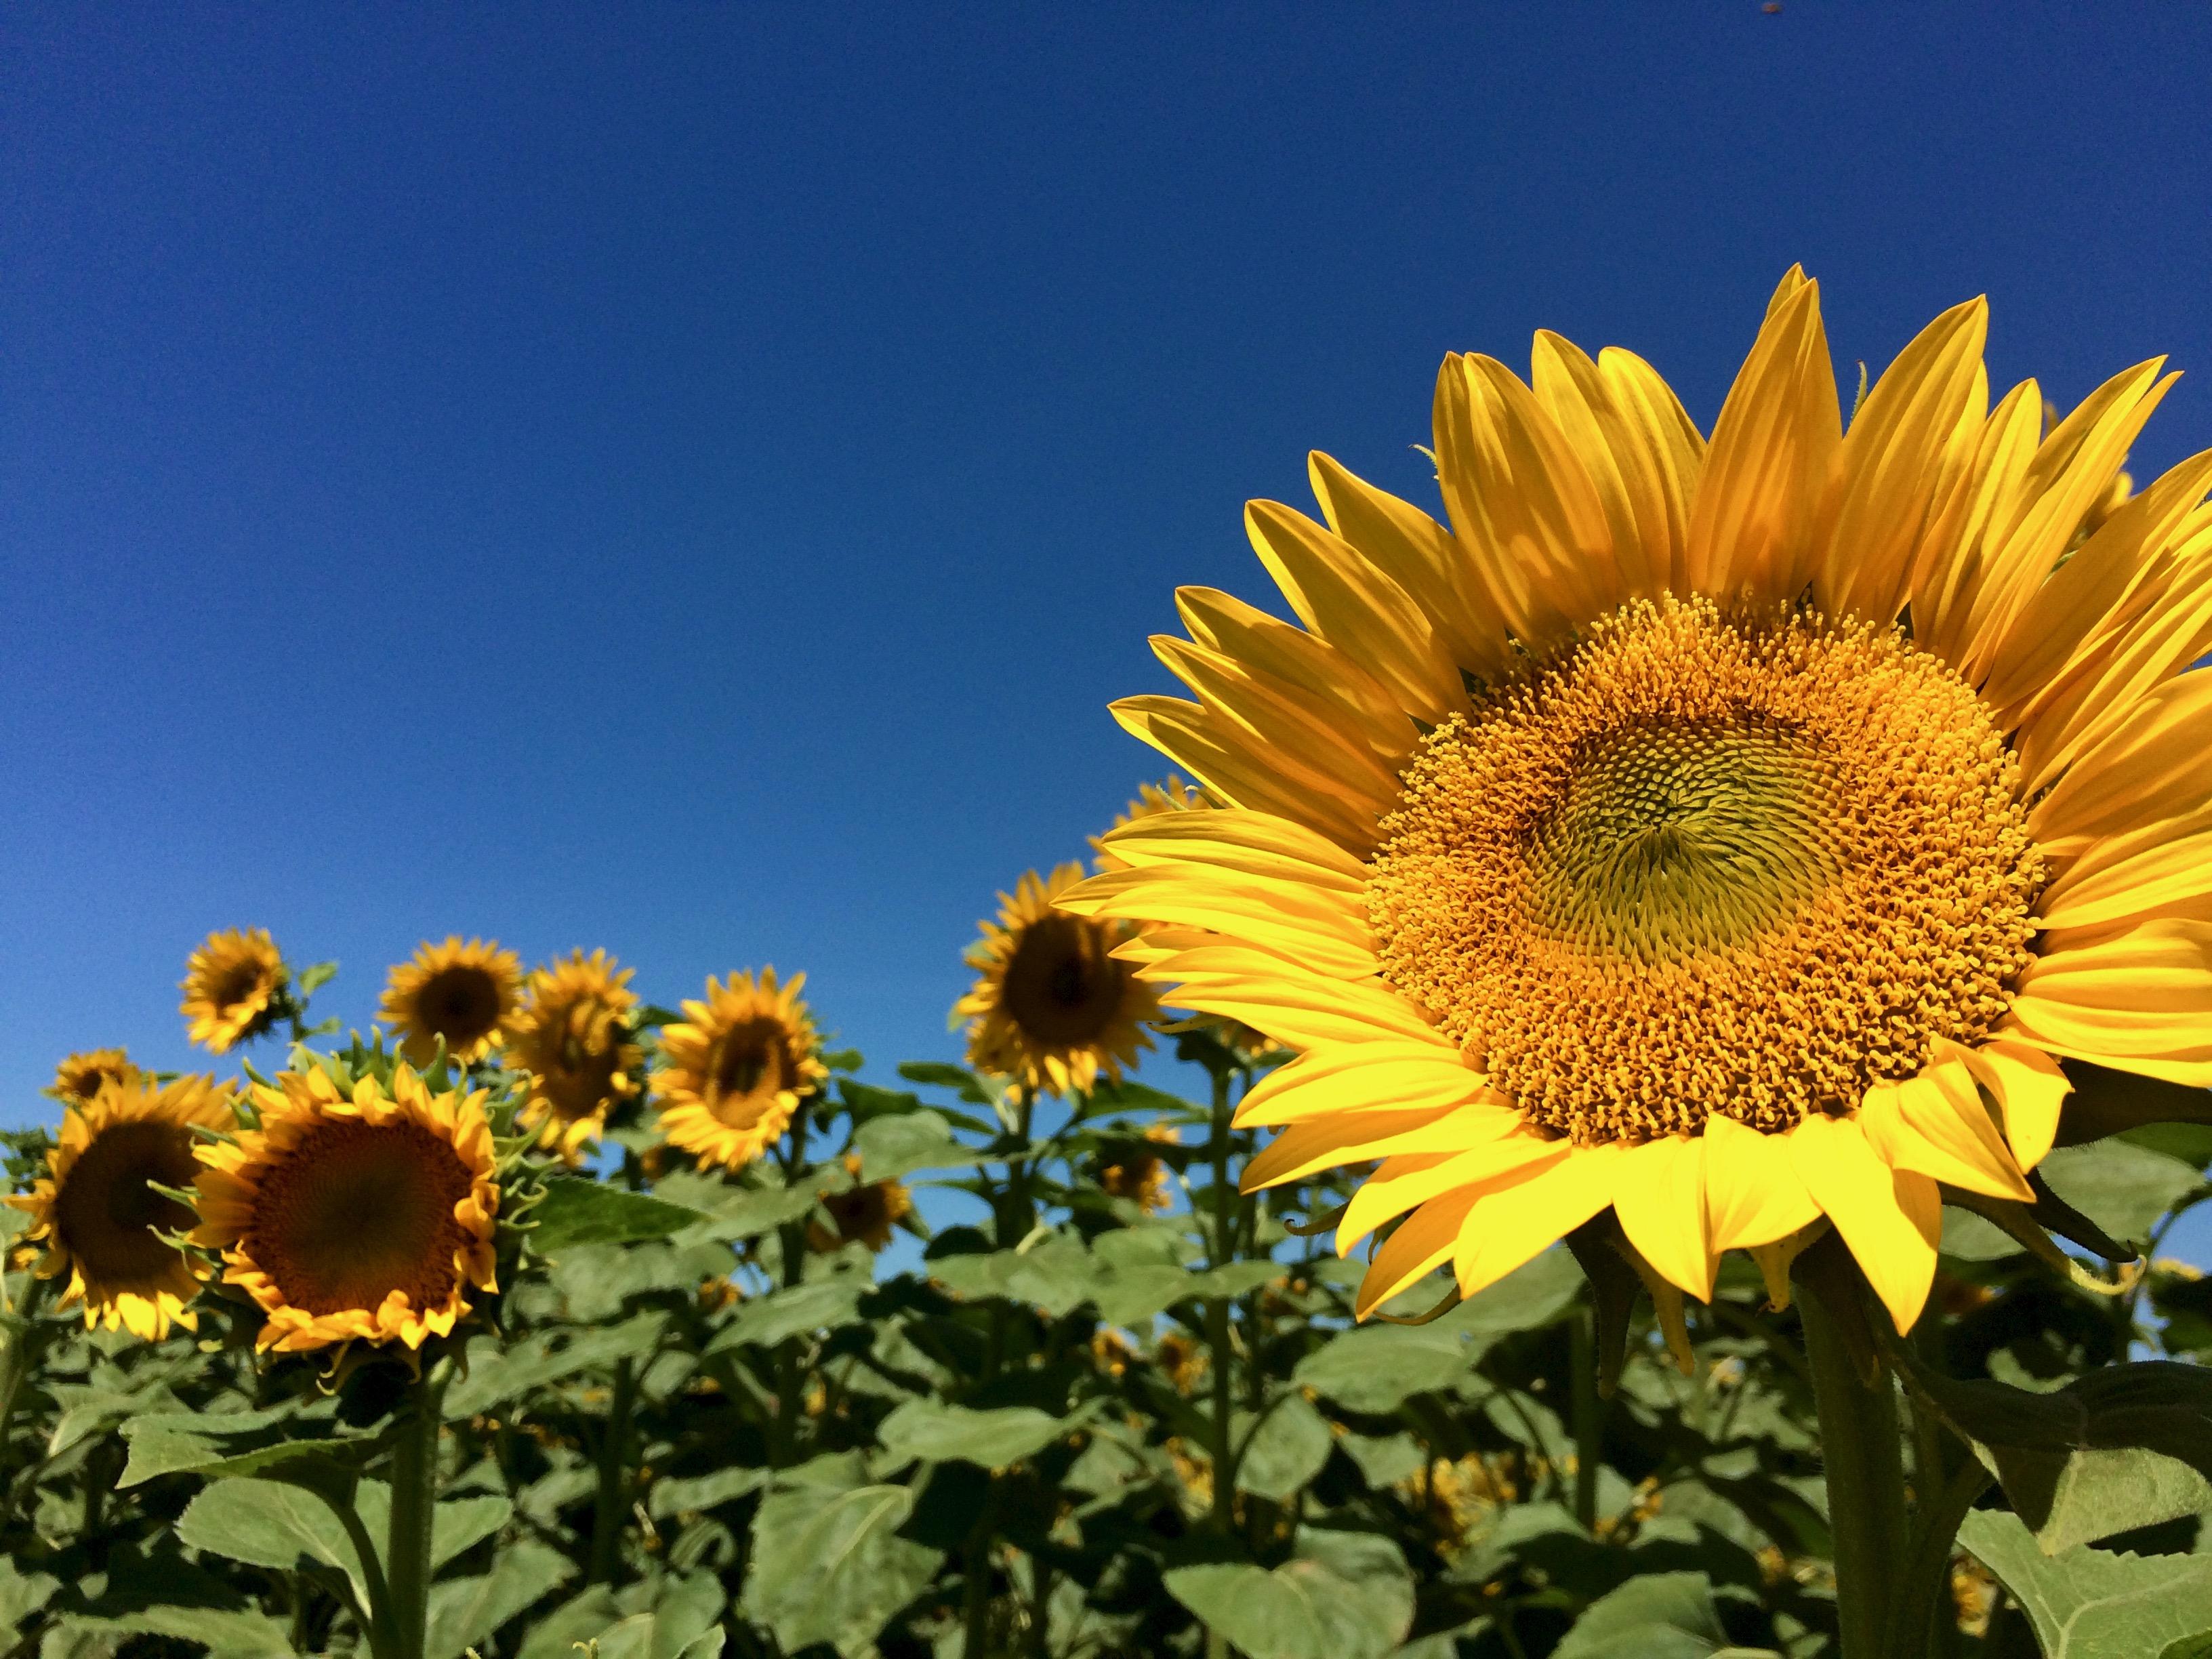 Sunflower - 7.jpeg